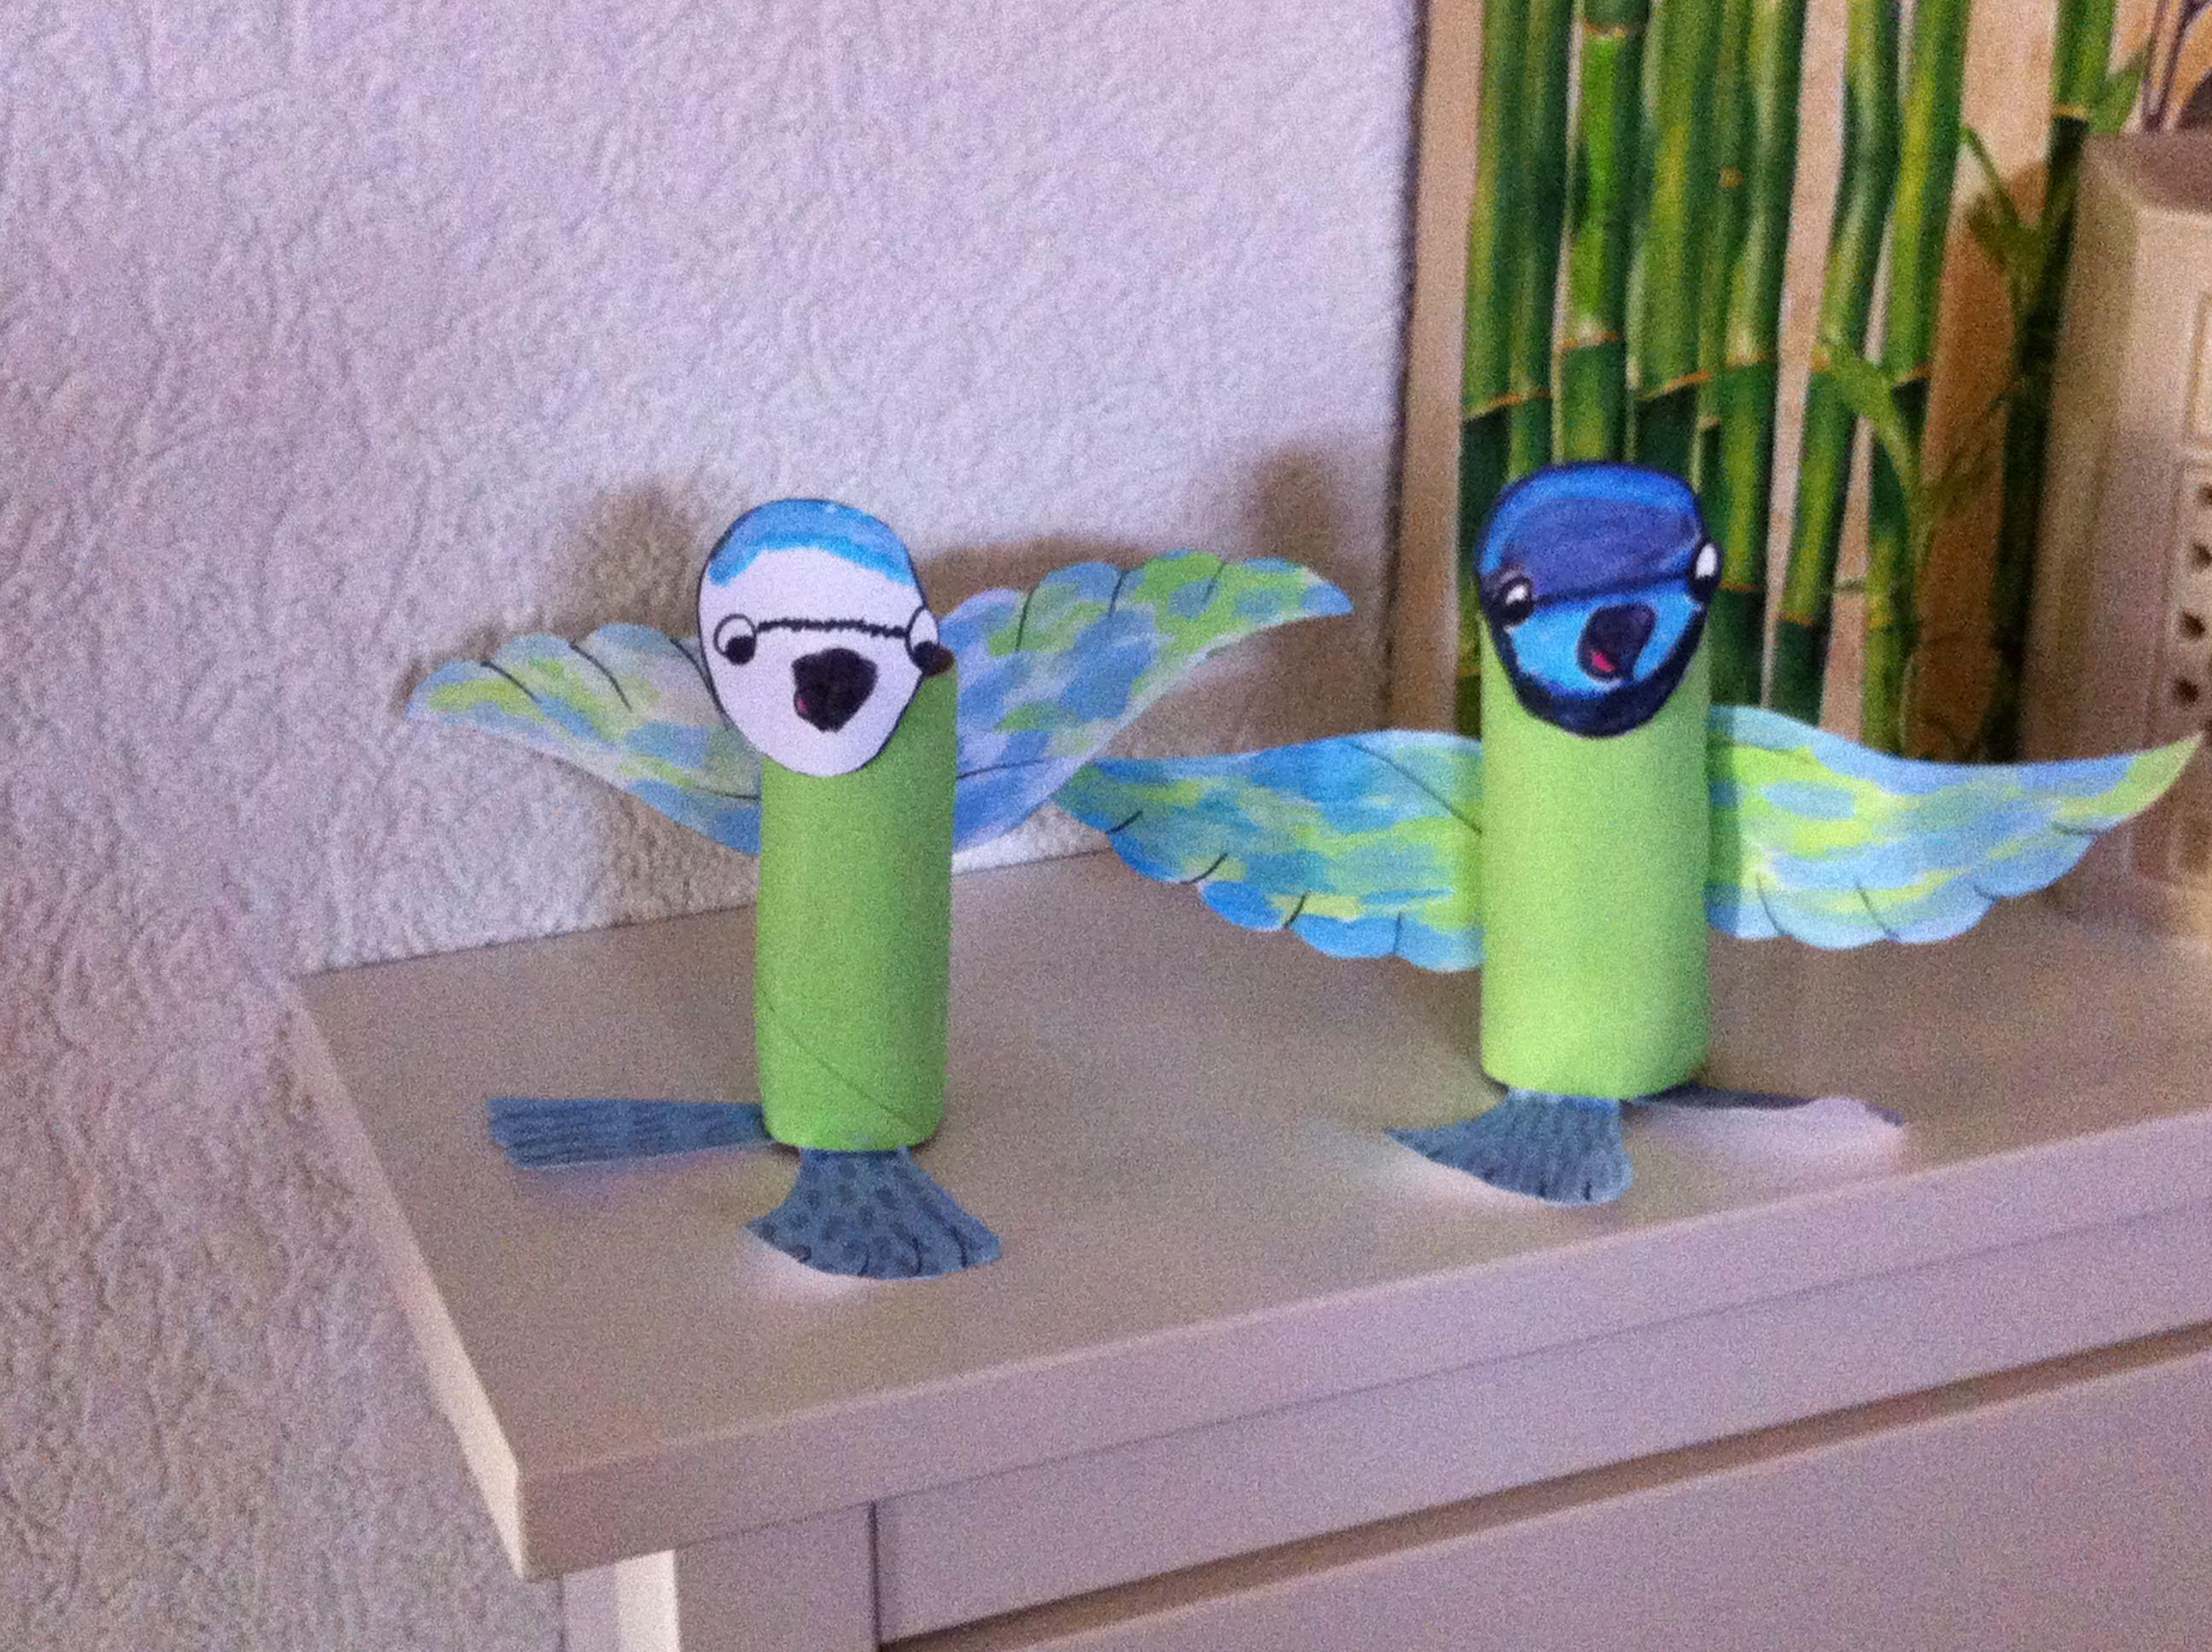 Petit oiseau r alis avec un rouleau de papier wc - Bricolage avec du papier ...